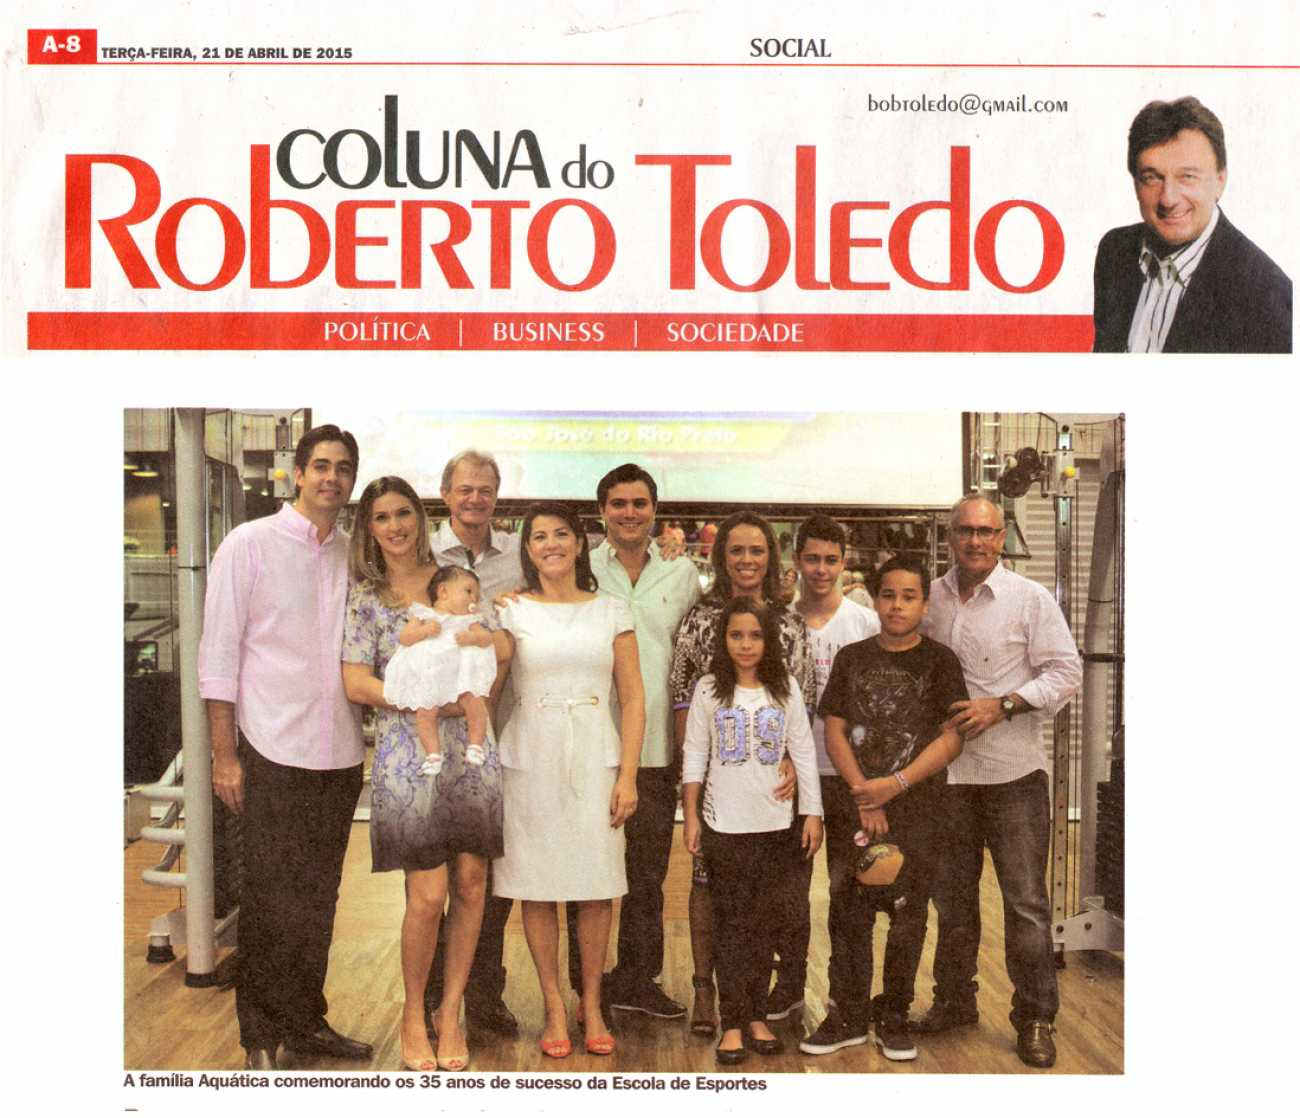 Coluna Social Roberto Toledo Dhoje - 21/04/2015